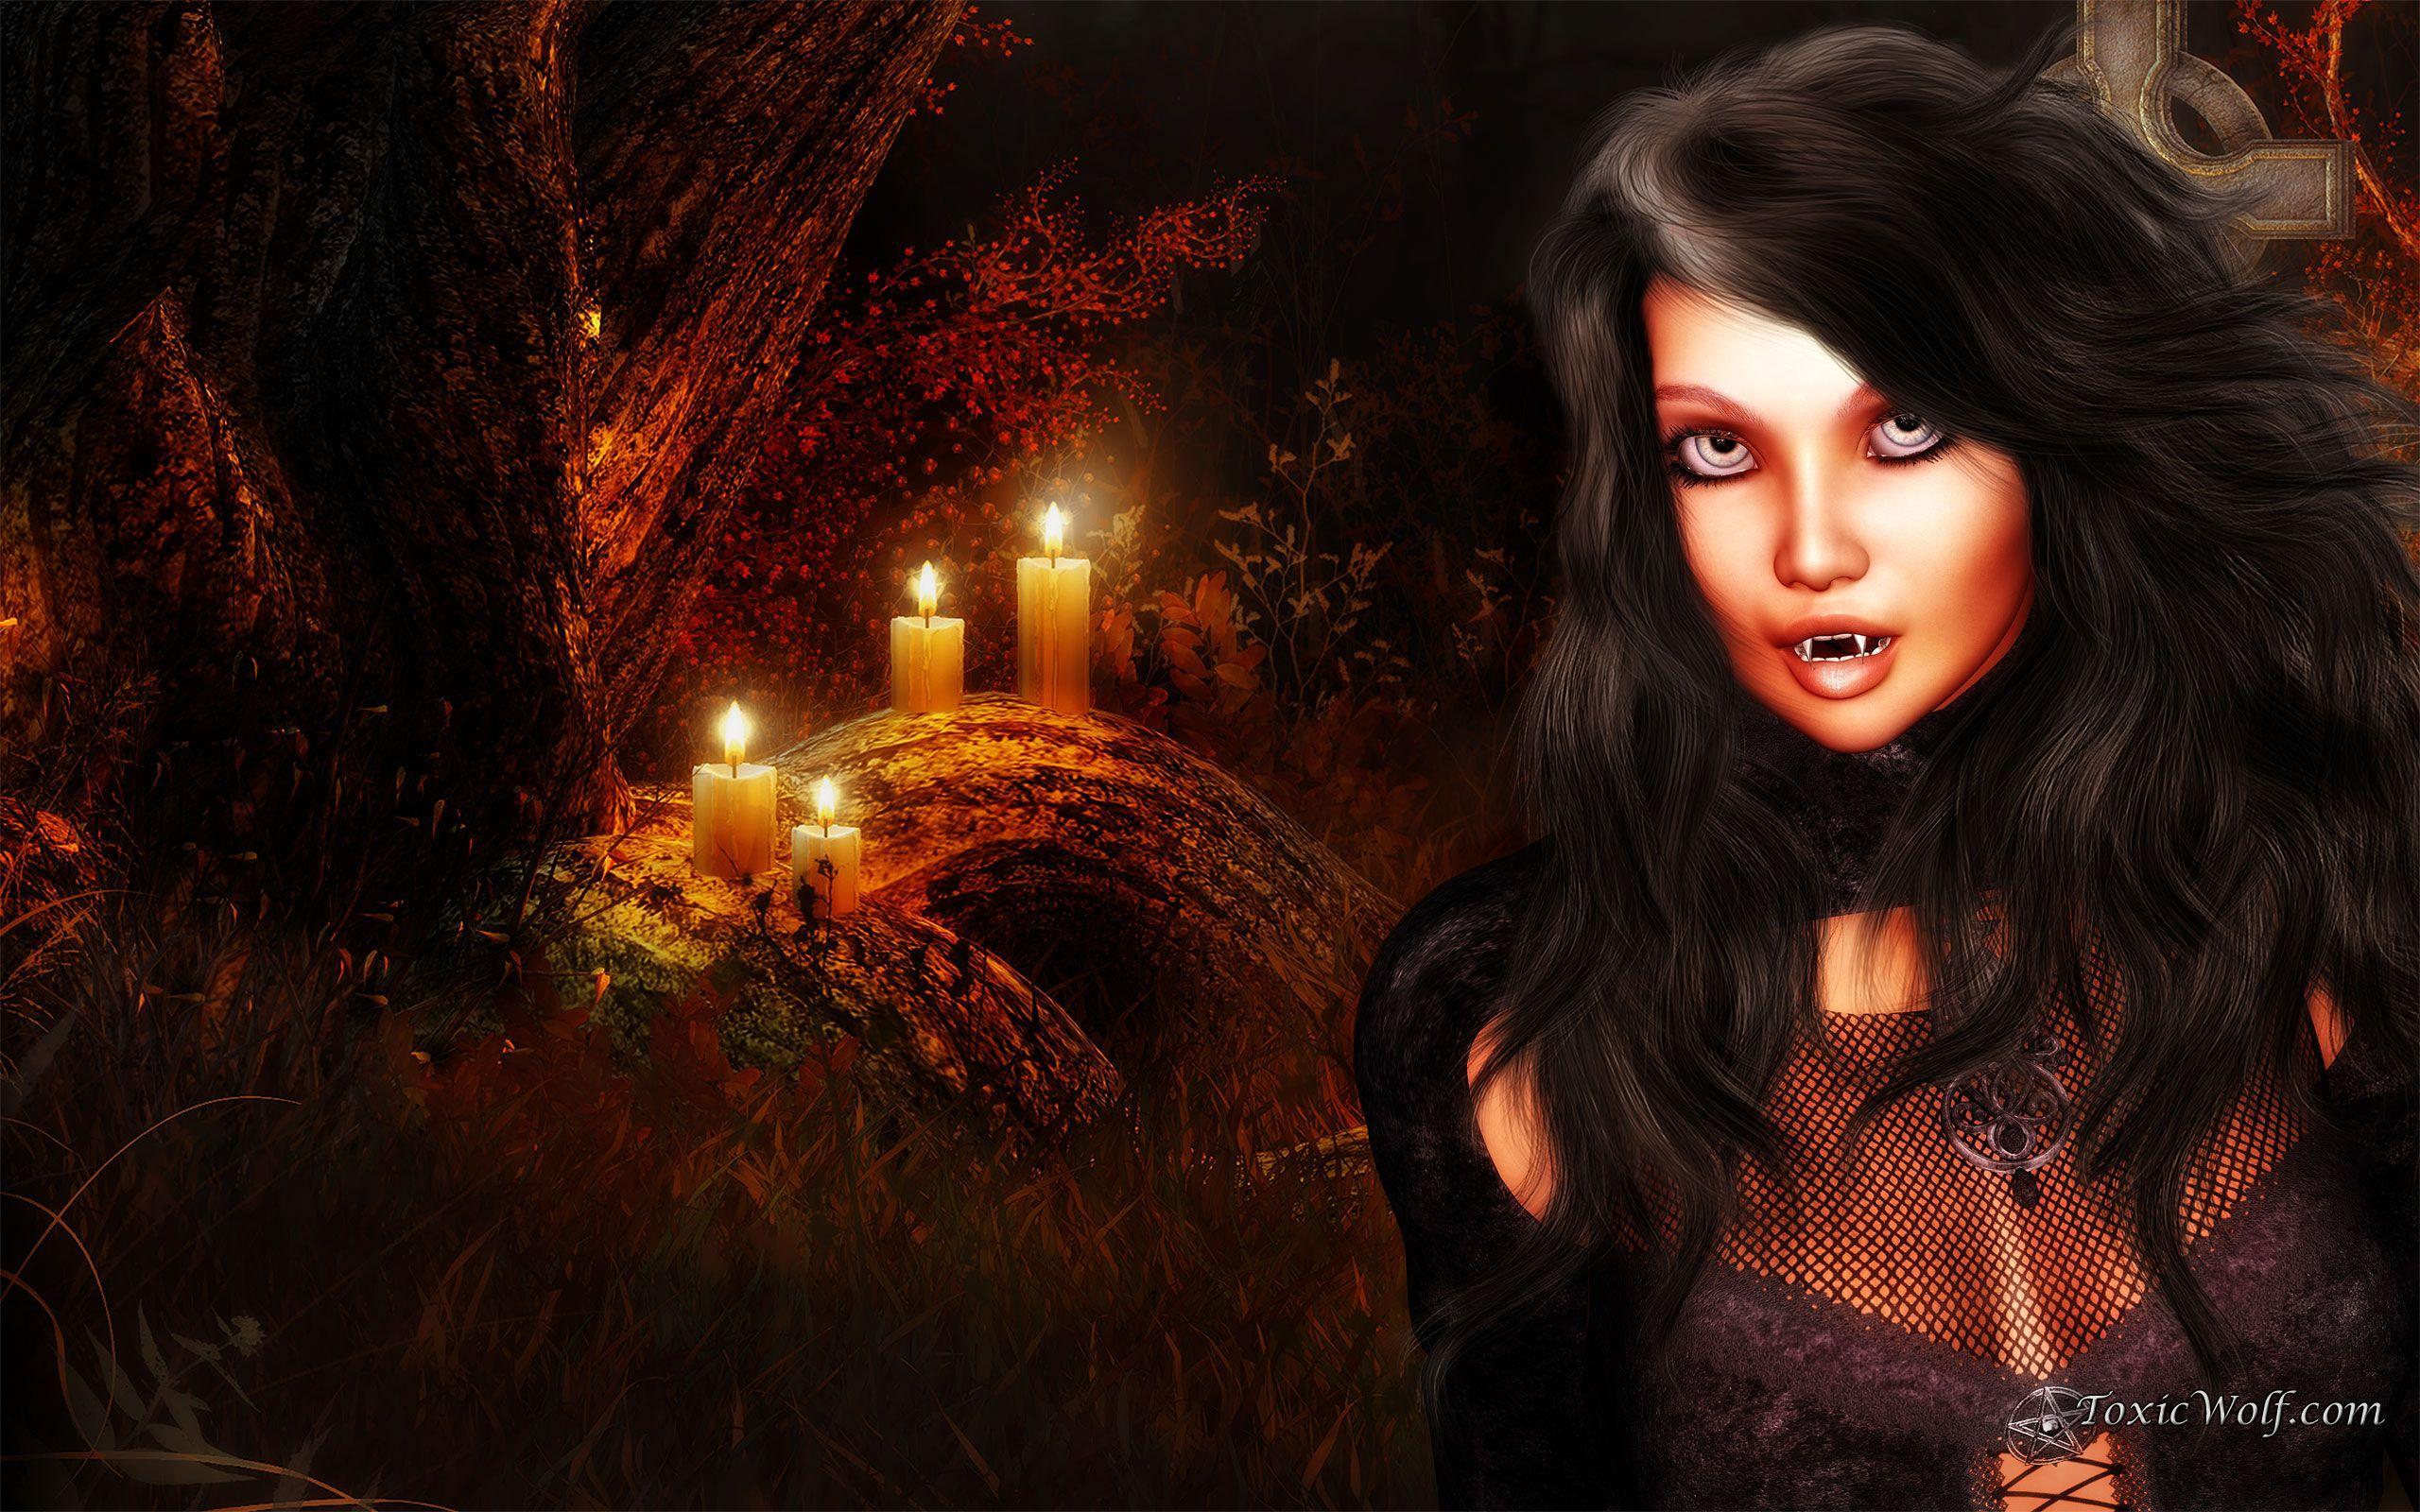 Картинки вампиров девушек красивых